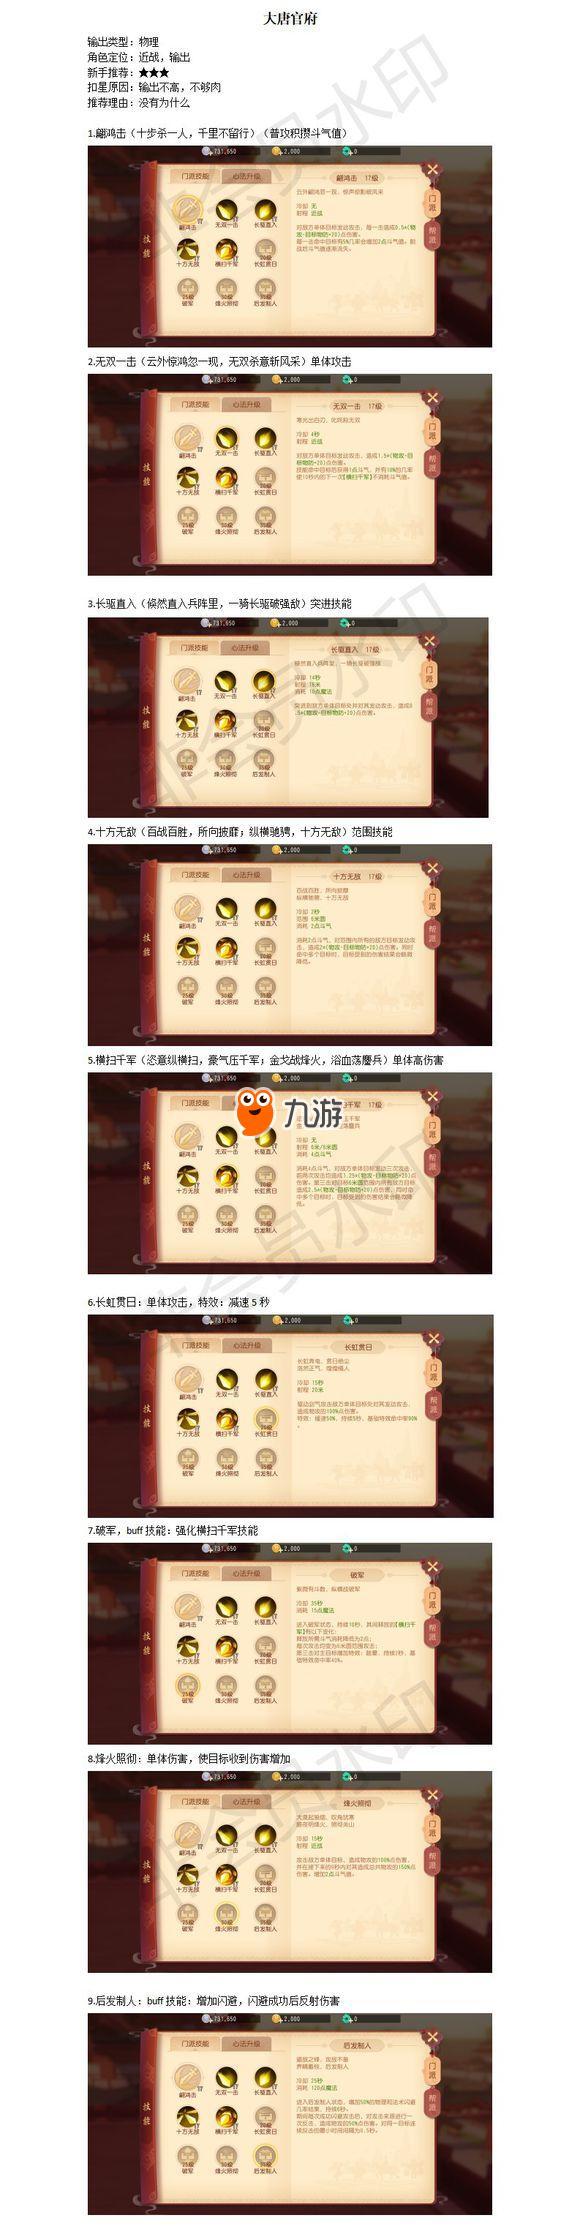 梦幻西游3d大唐门派技能介绍 大唐门派技能效果